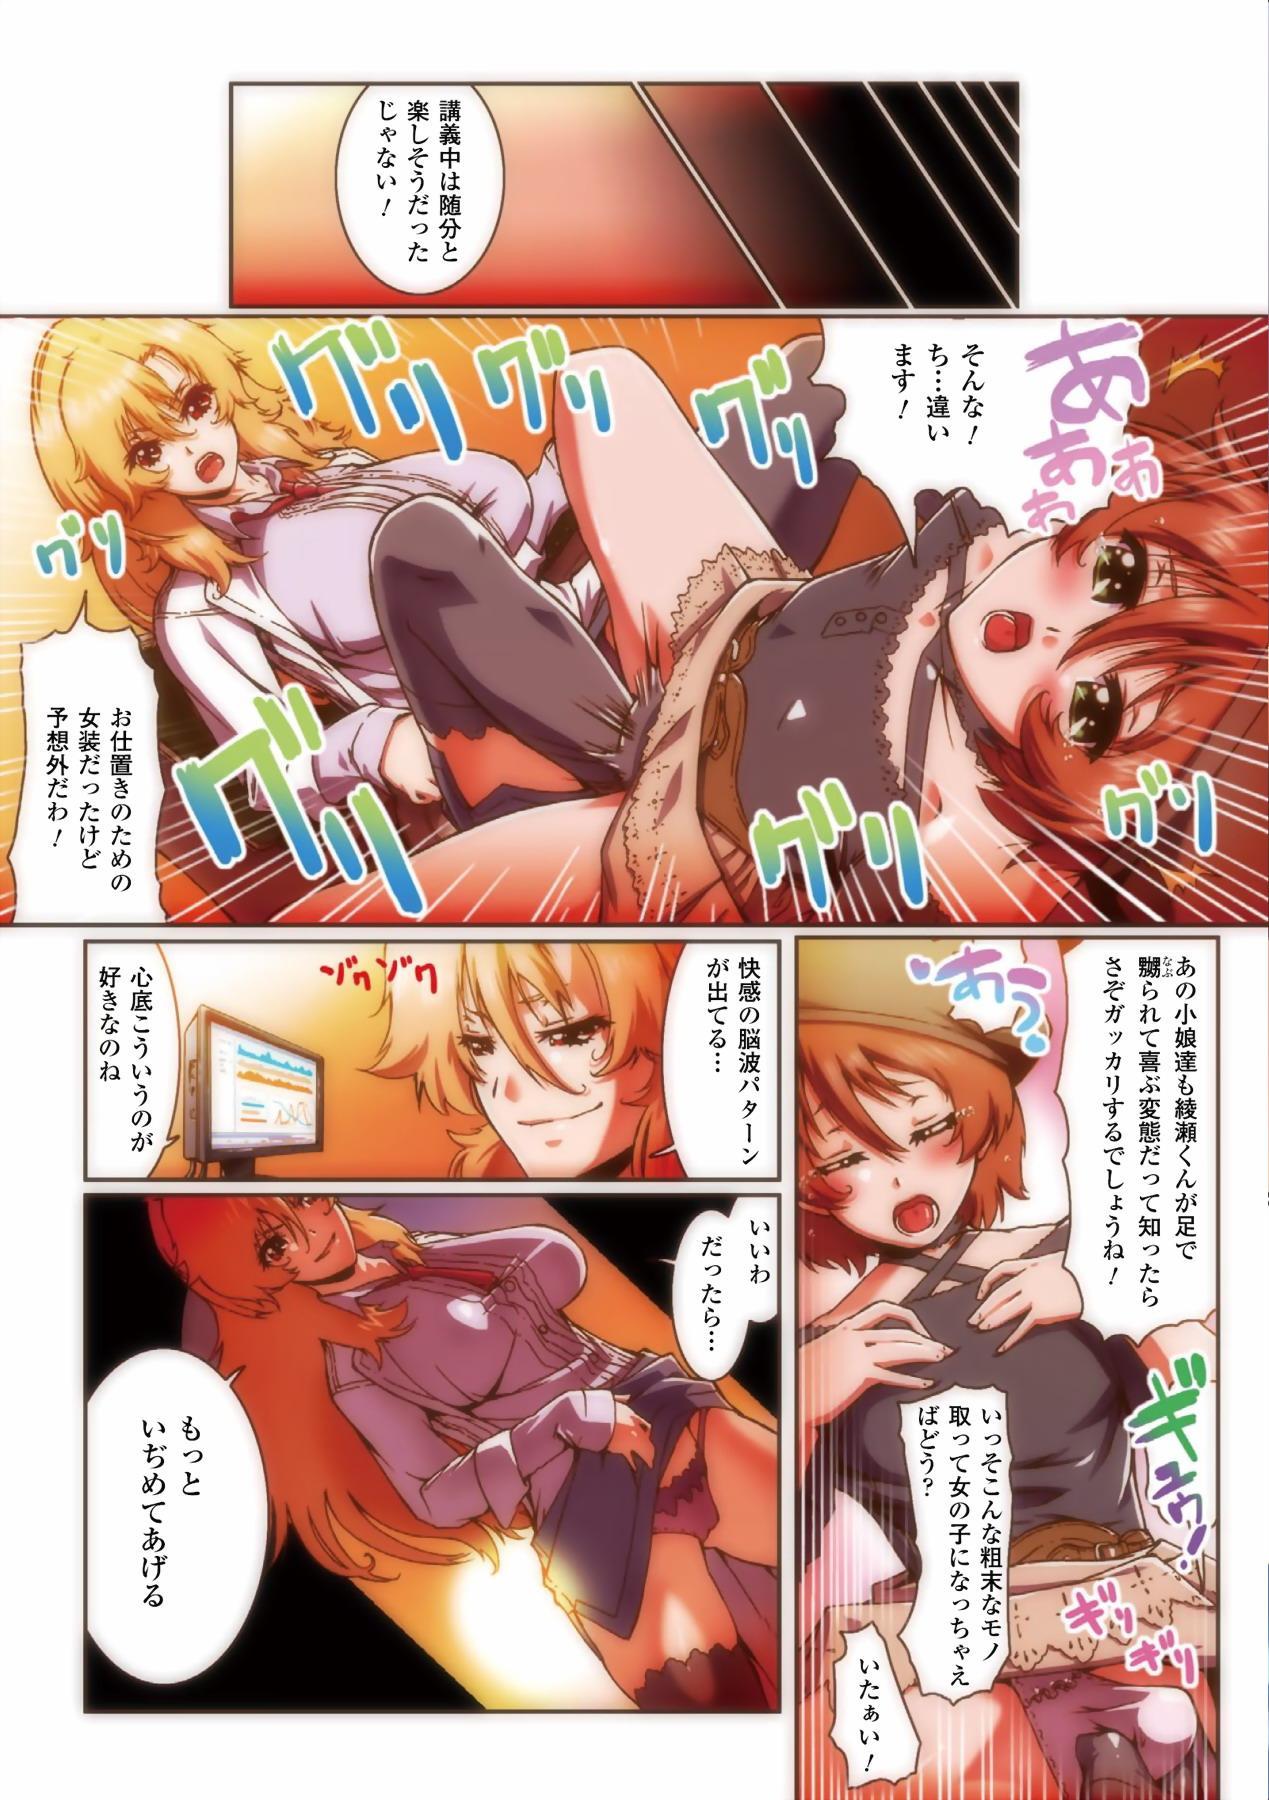 [Anthology] Gatchiri Kairaku Land Vol.2 ~Chijoku-hen~ Joshikousei ga, Mahou Shoujo ga, Otoko no Ko ga Okasareru!!! [Digital] 18